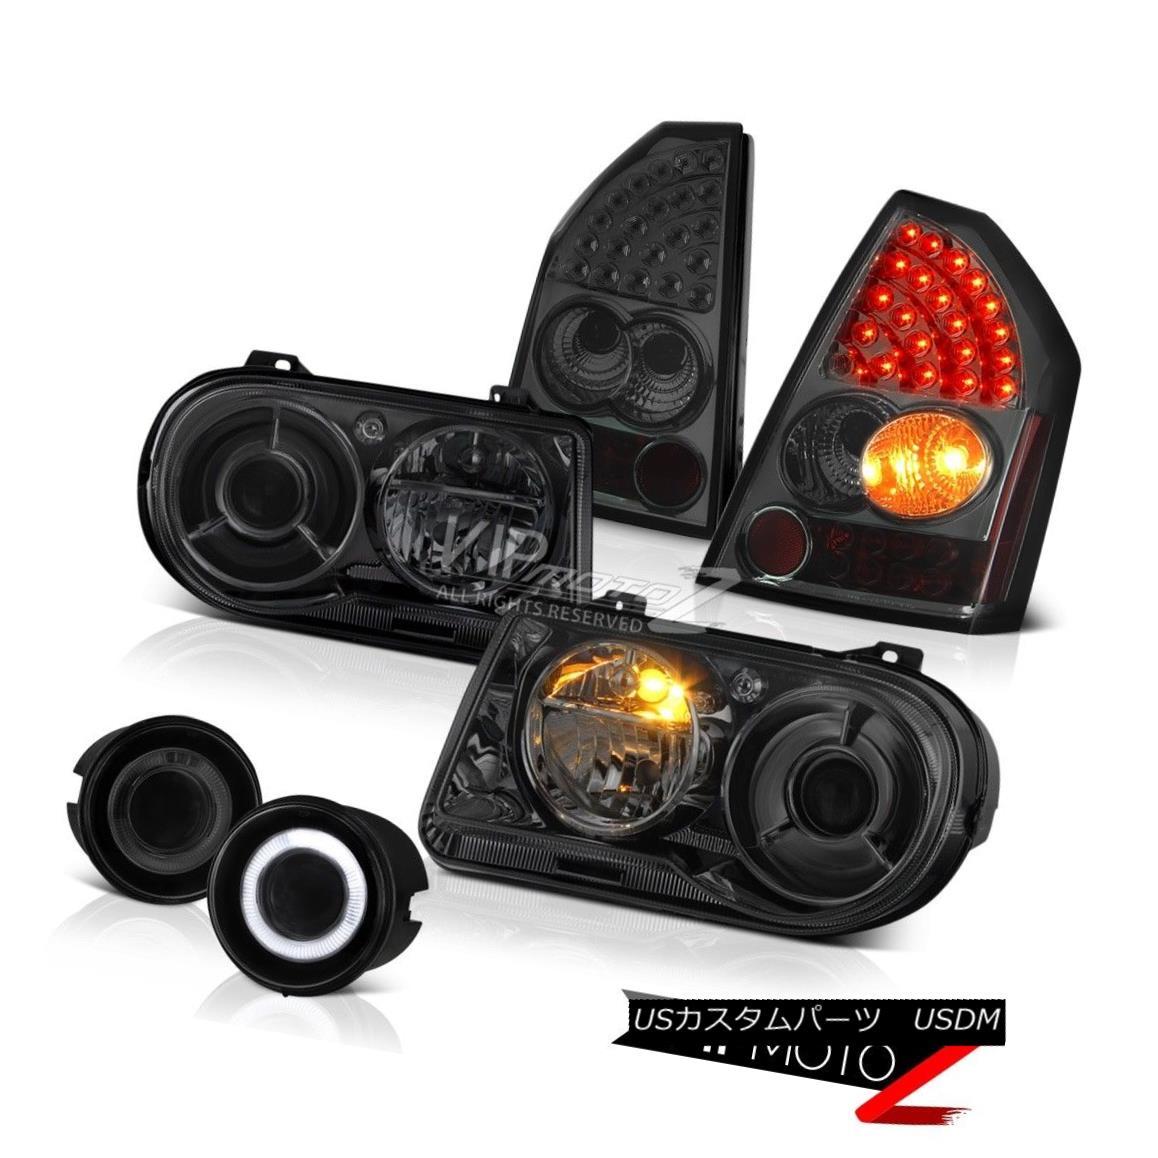 ヘッドライト 05 06 07 Chrysler 300C SRT8 Smoke Headlights LED Taillights Projector Bumper Fog 05 06 07クライスラー300C SRT8スモークヘッドライトLEDテールライトプロジェクターバンパーフォグ